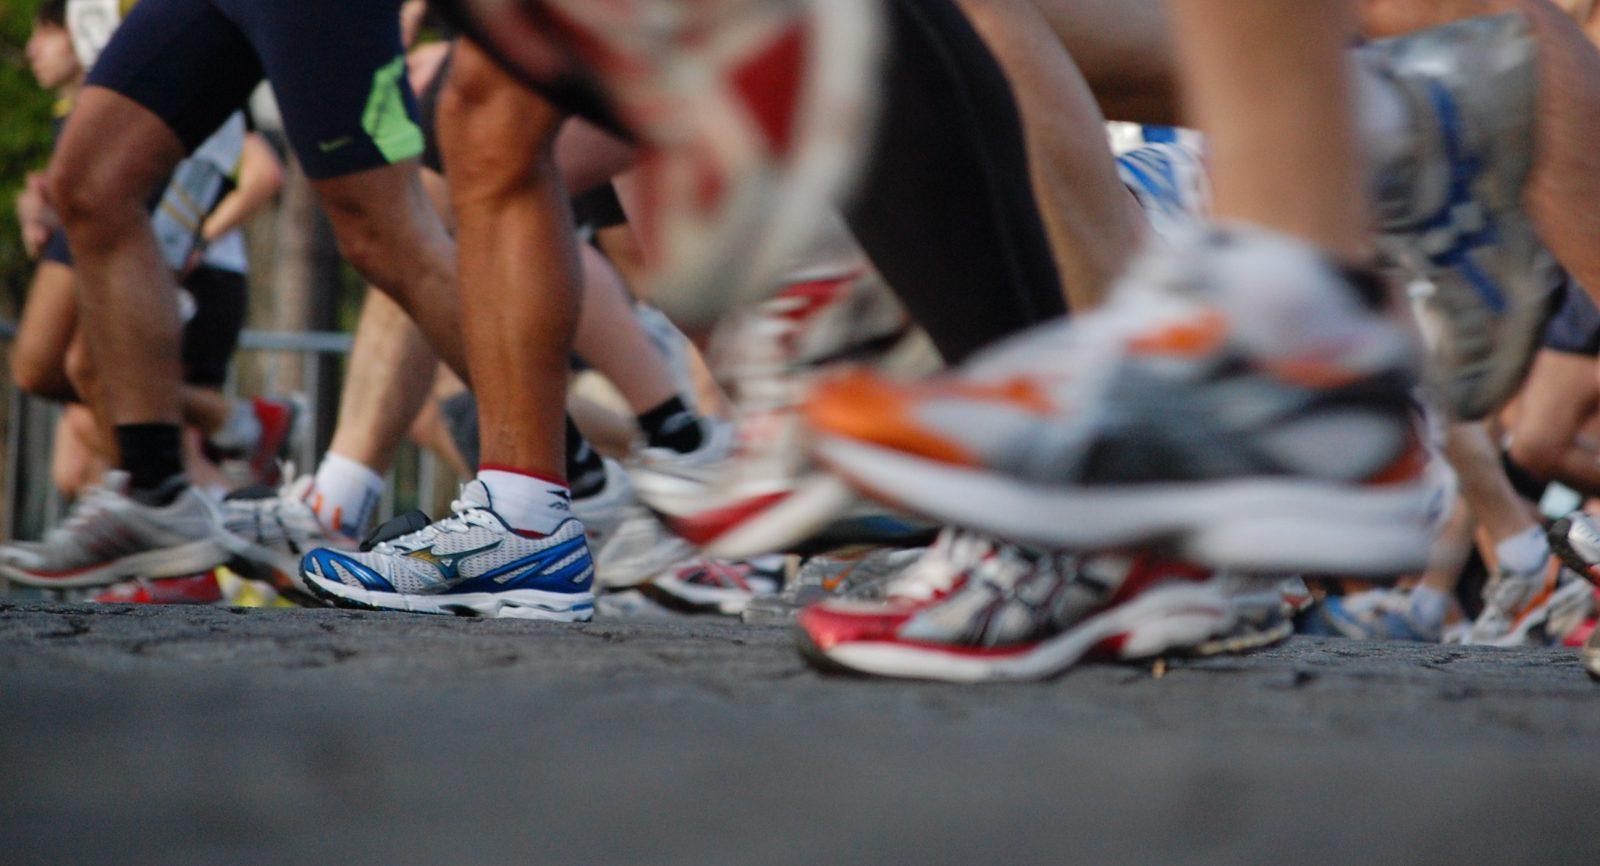 marathon sneakers